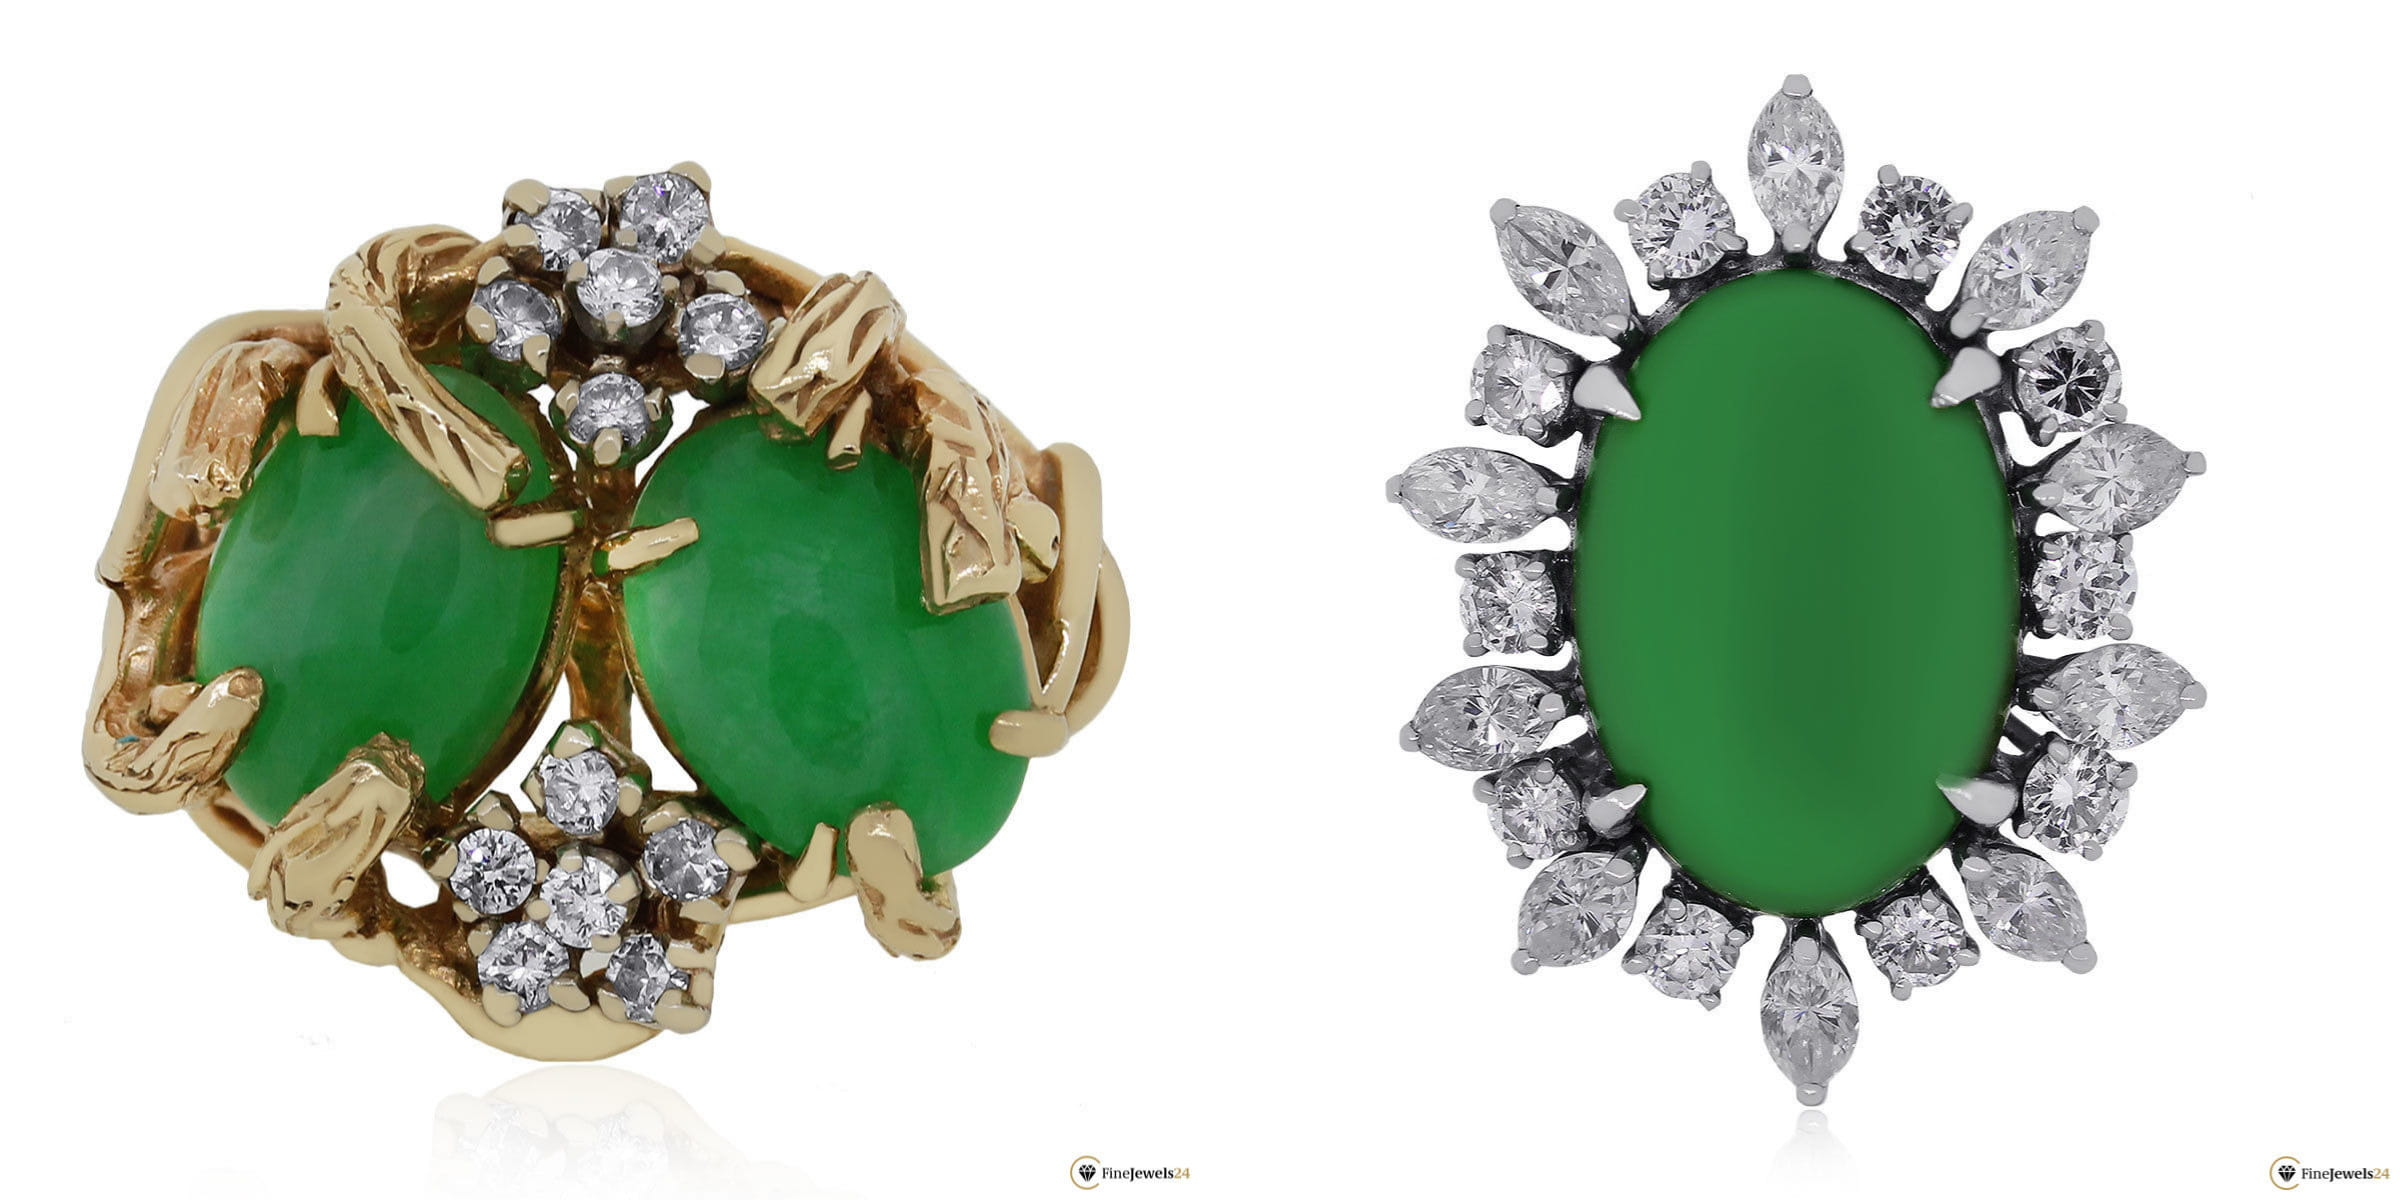 Jade rings